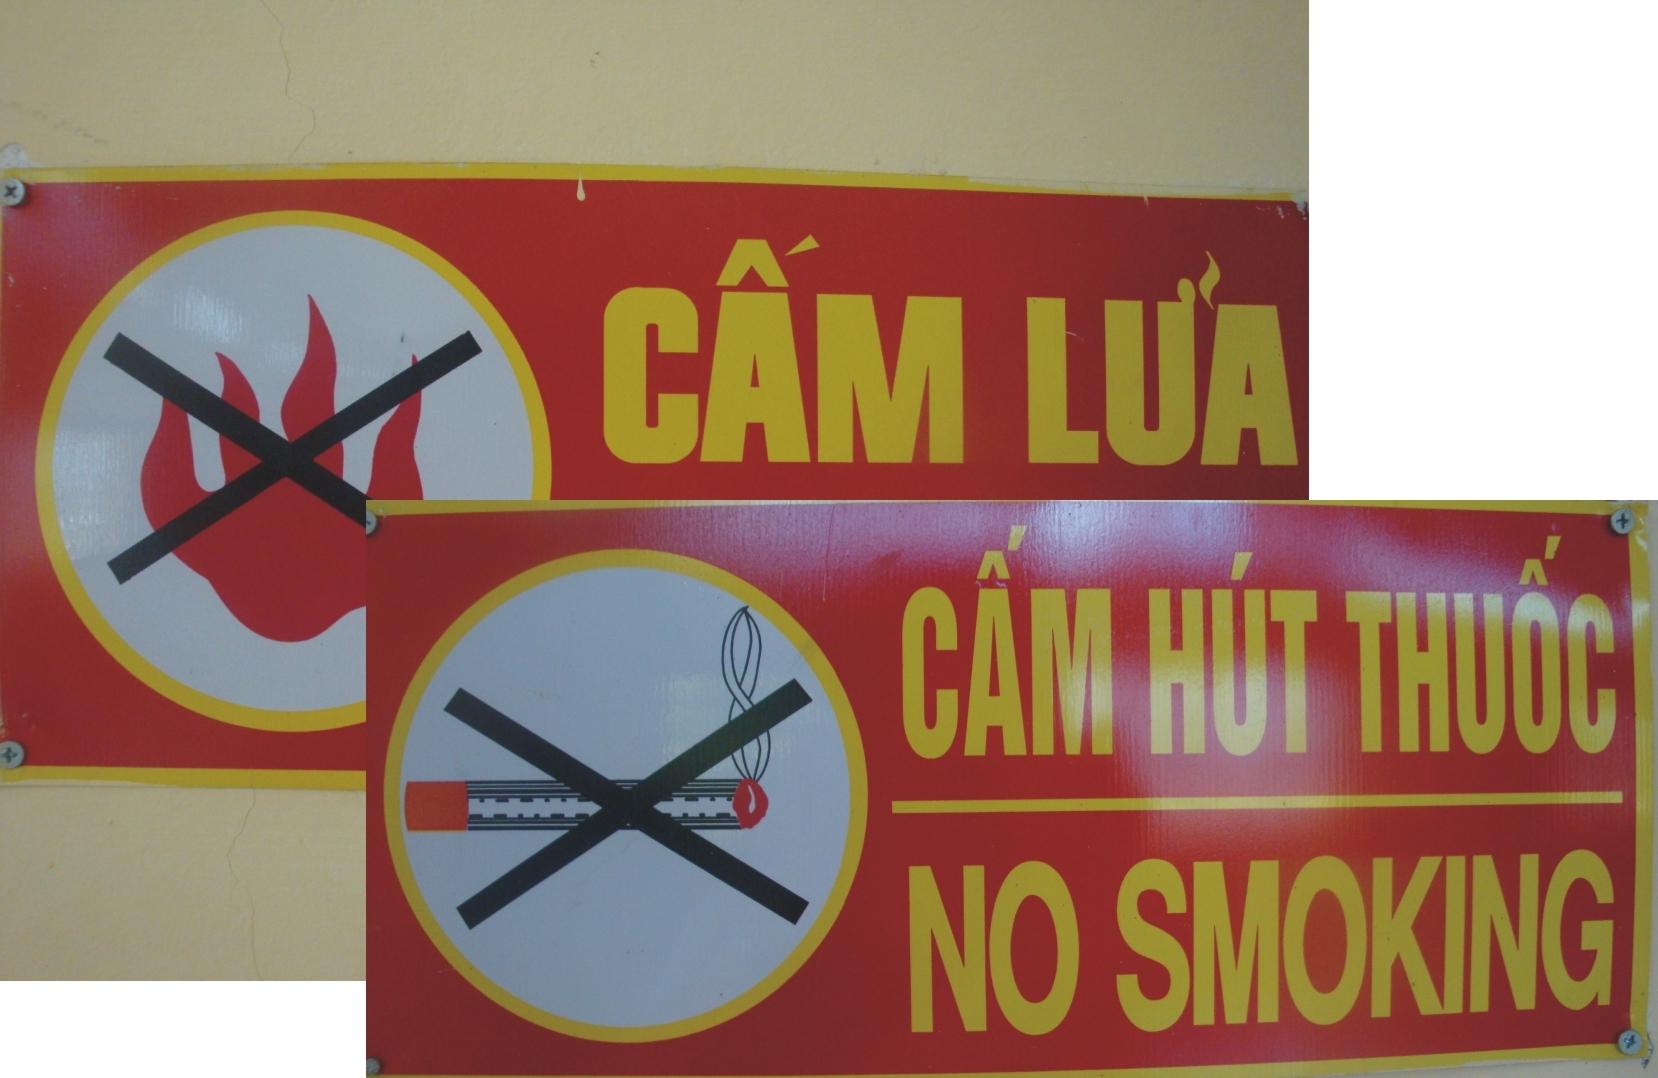 Biển cấm lửa, cấm hút thuốc